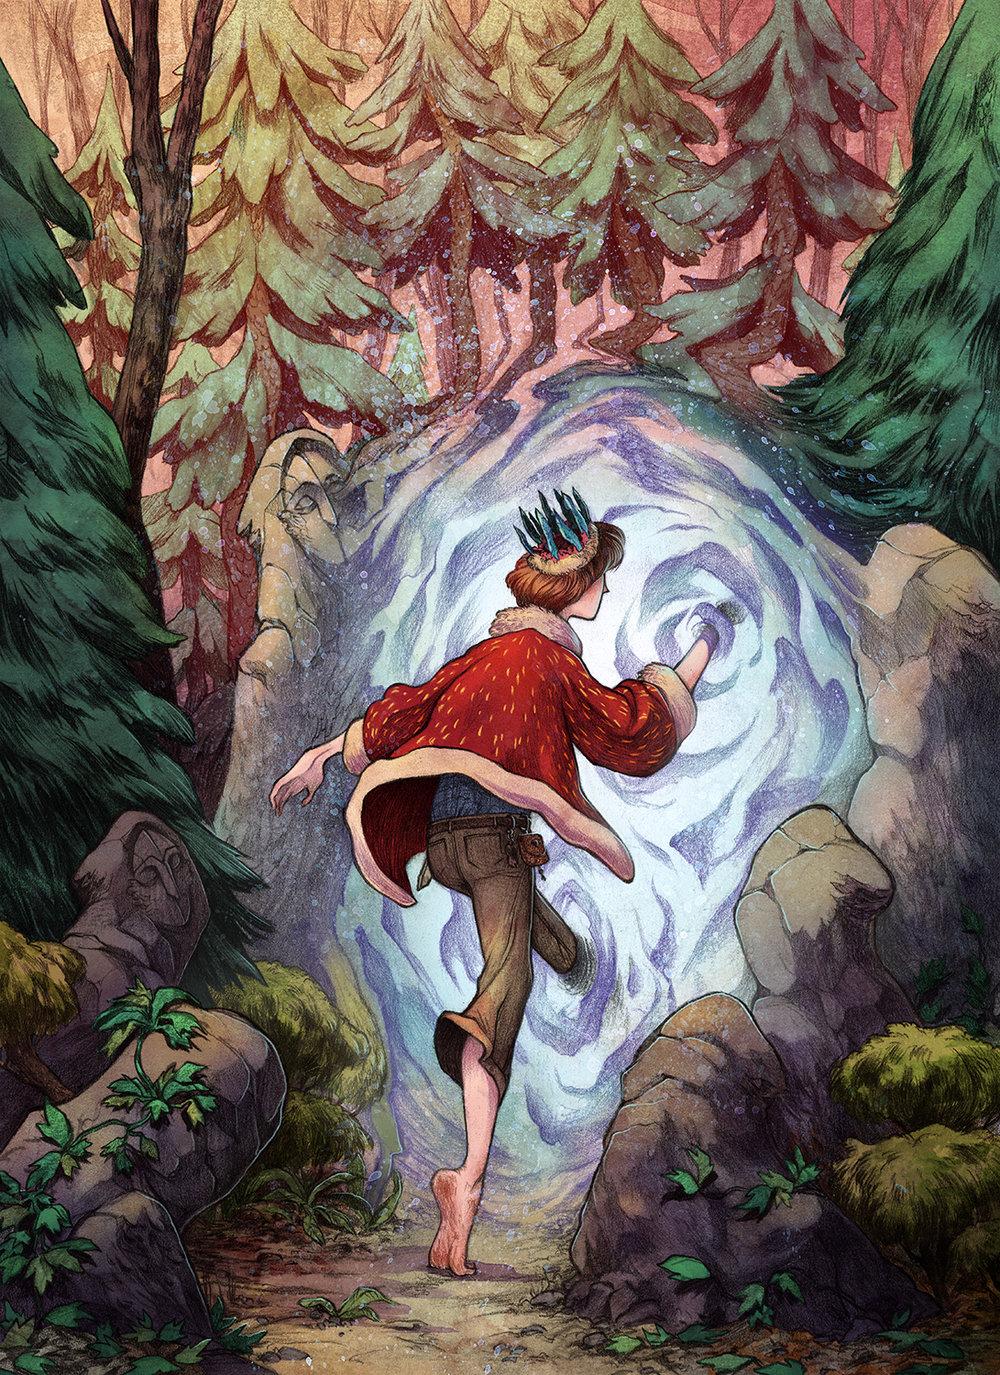 22 иллюстрации Джеймса Фирнхабера, которые способны облегчить душу